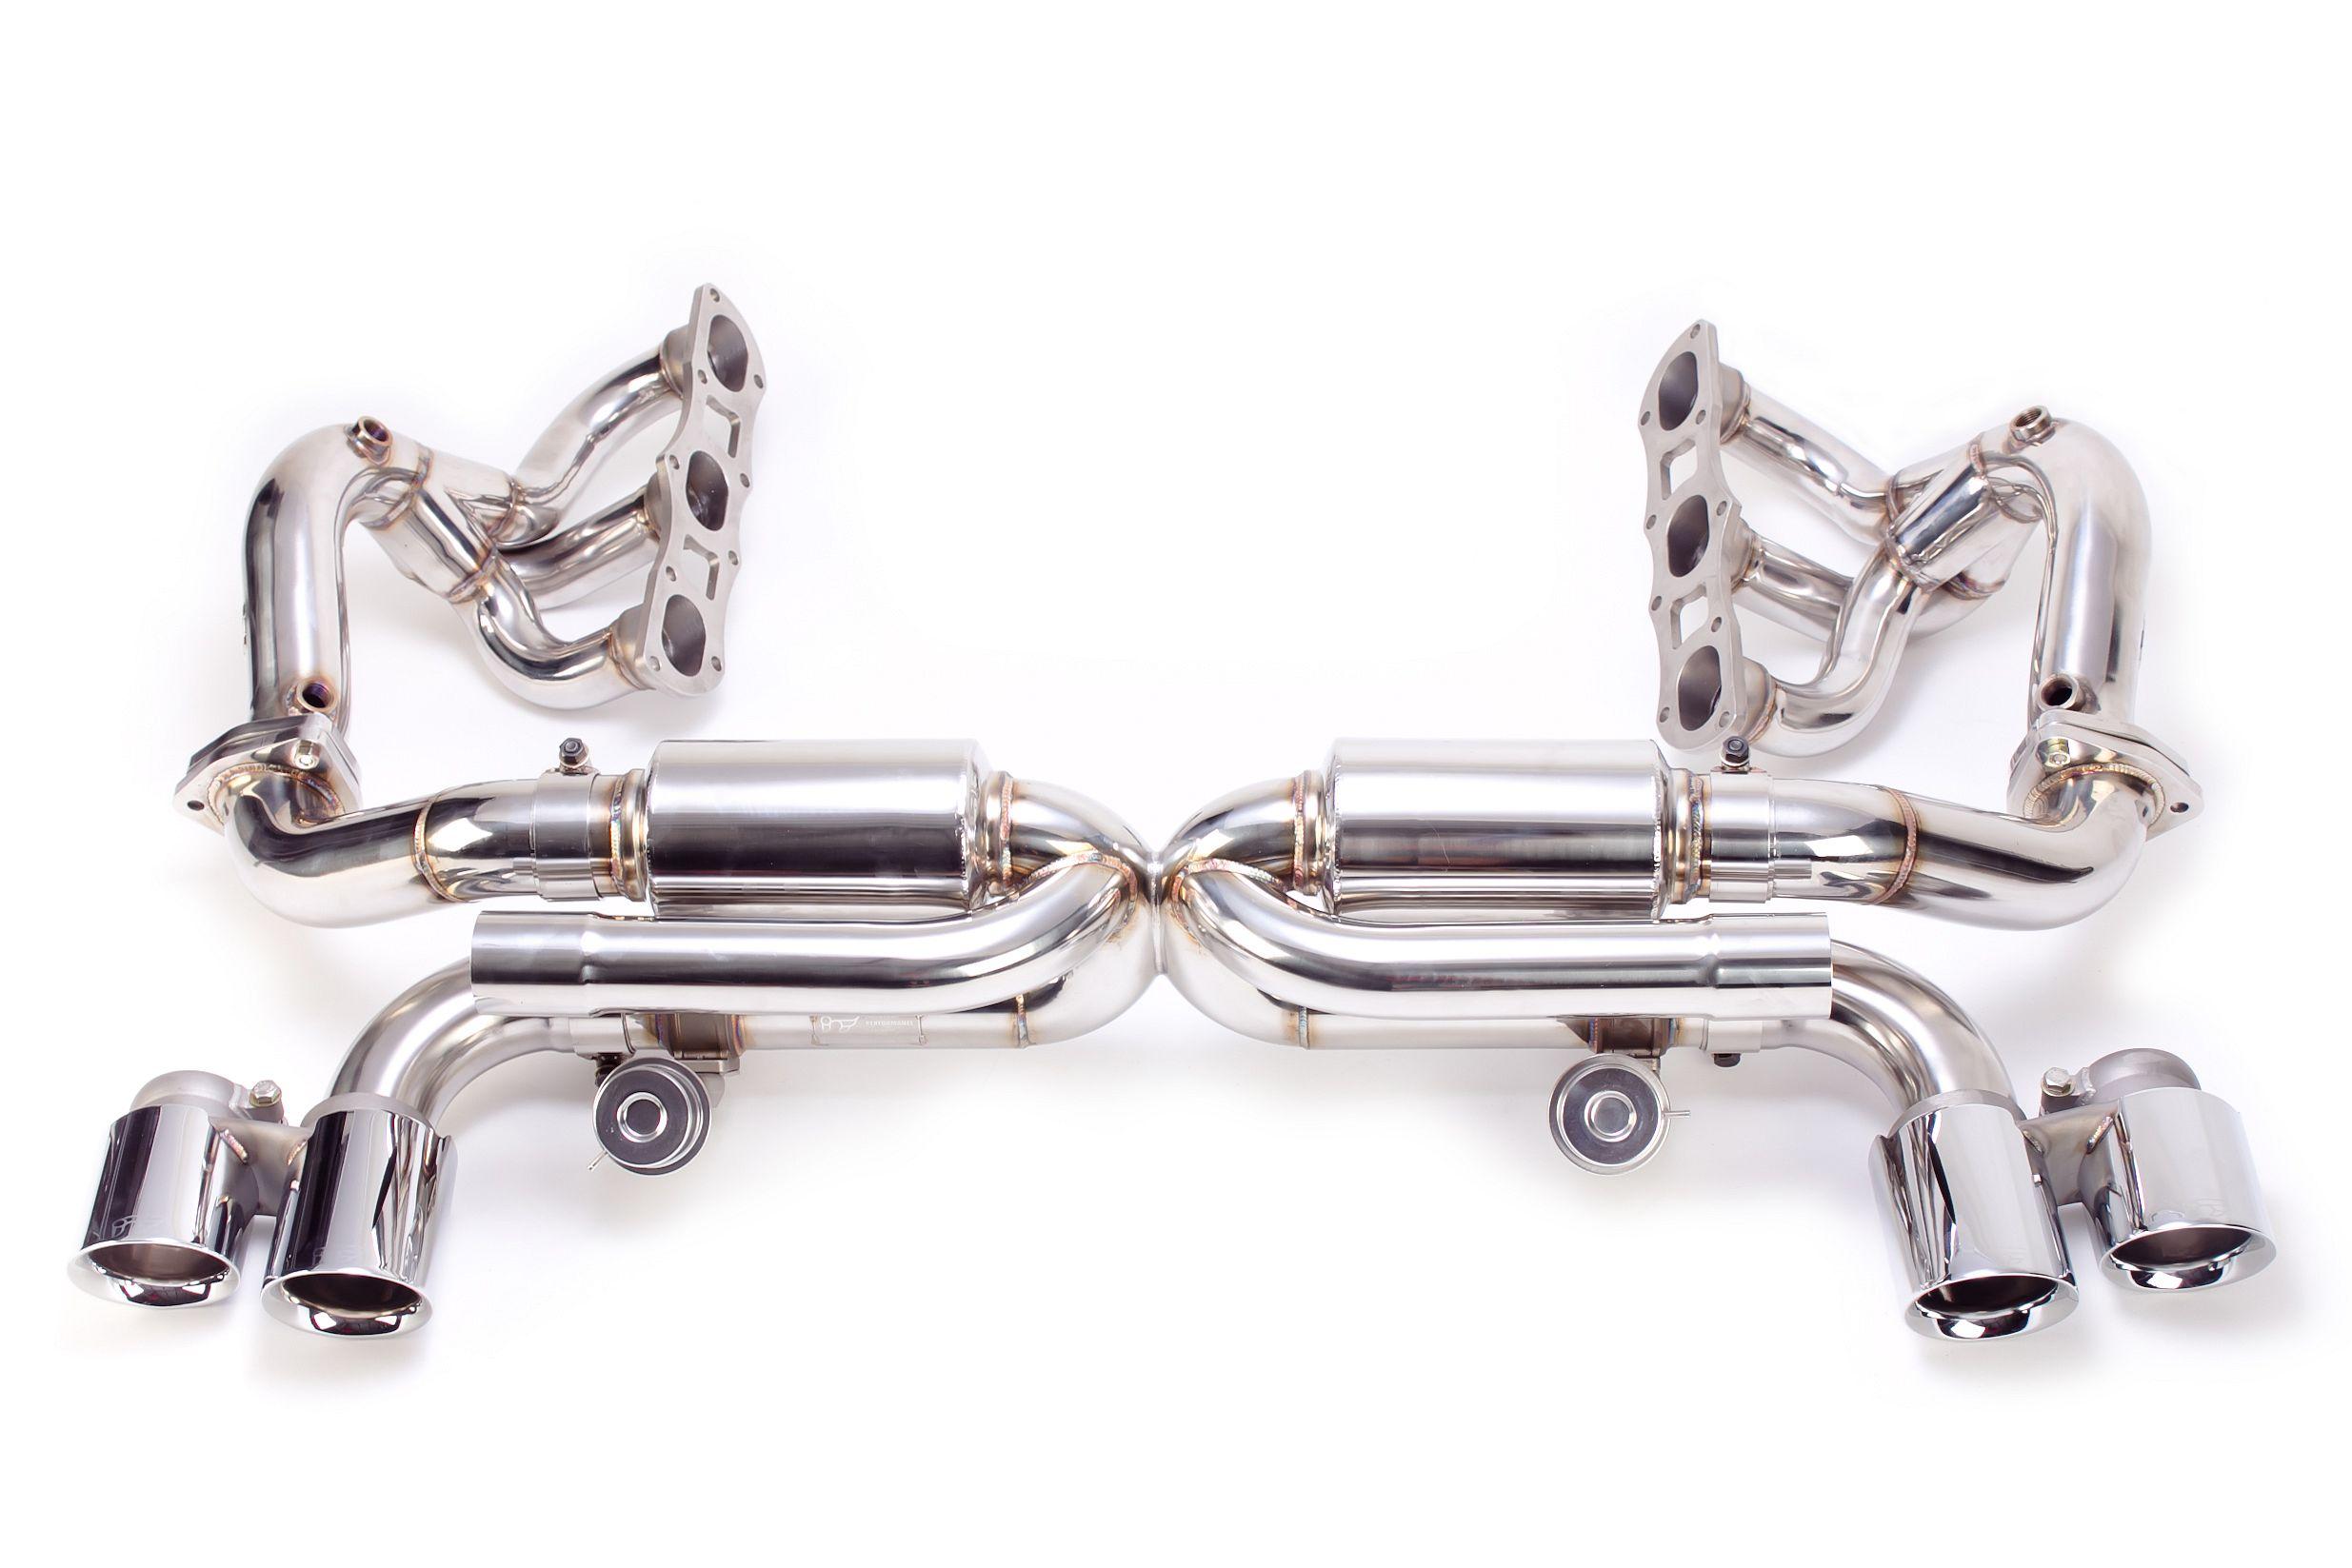 iPE Porsche 991 CarreraS (2011+) Exhaust Full System